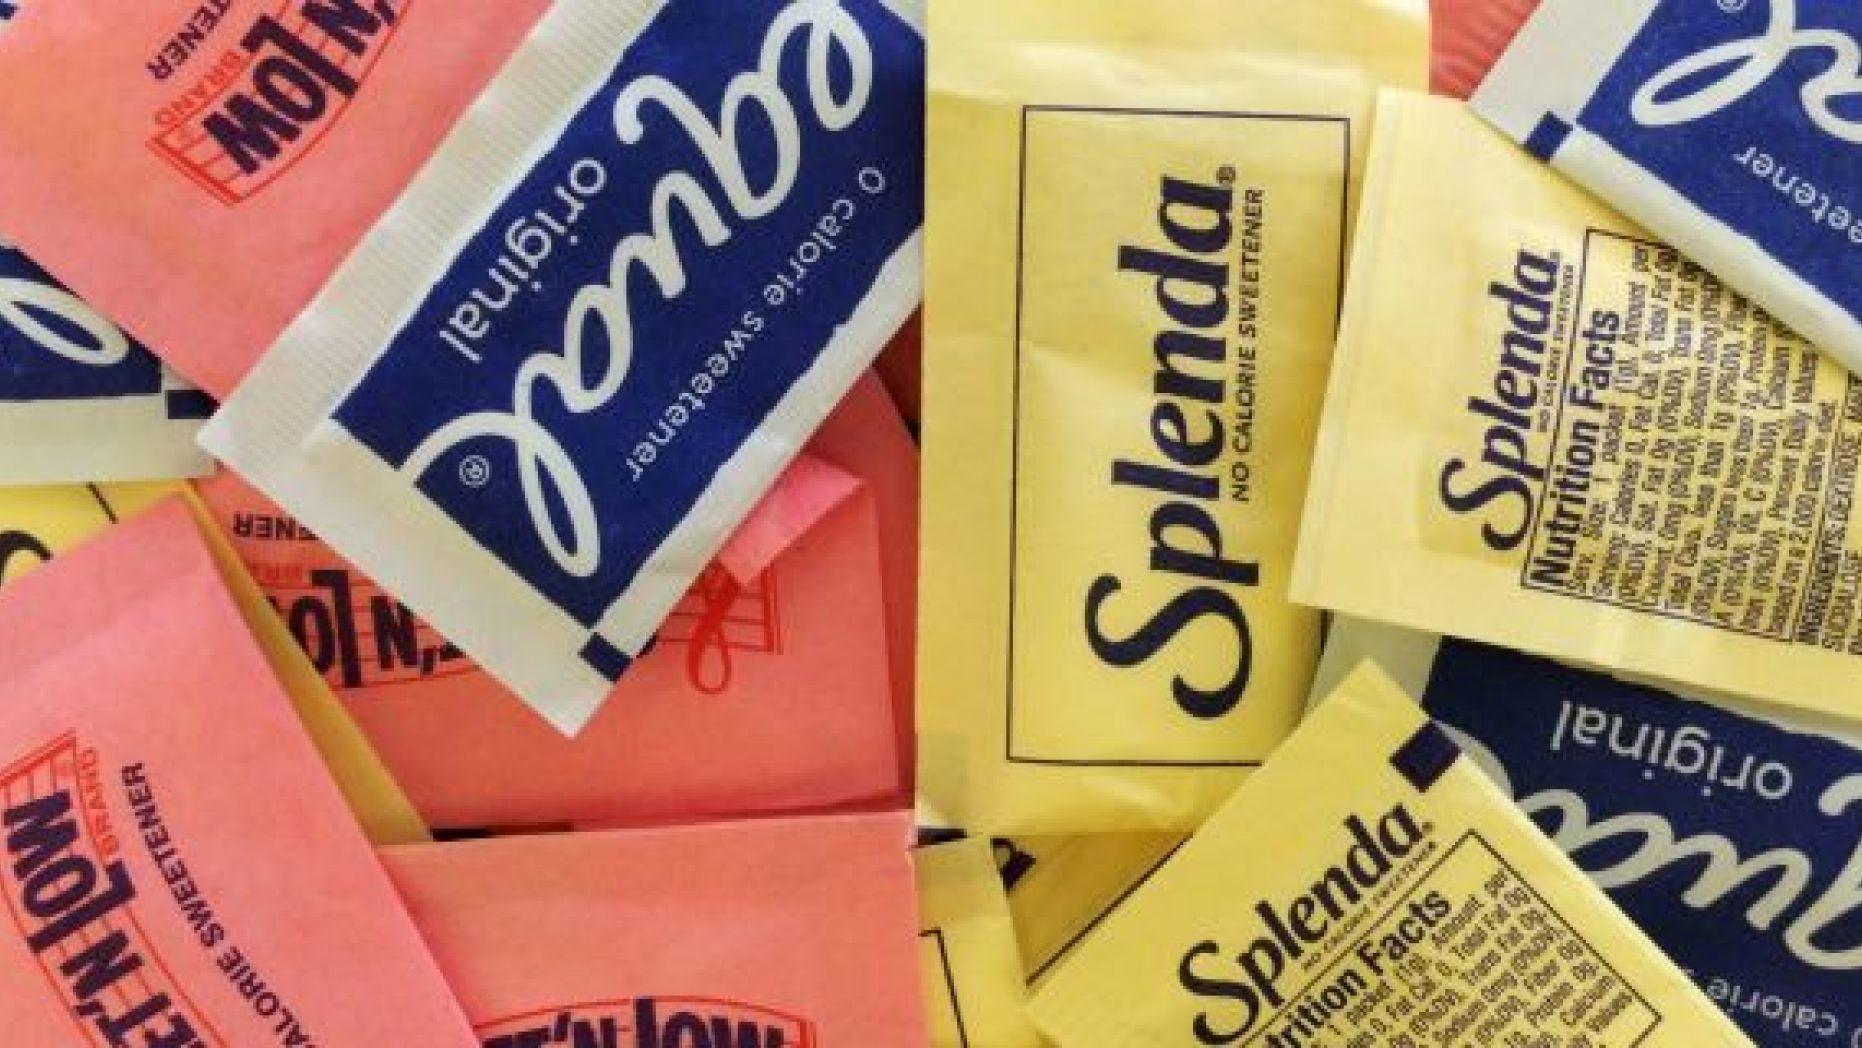 Artificial Sweetners – Splenda, Equal, etc.